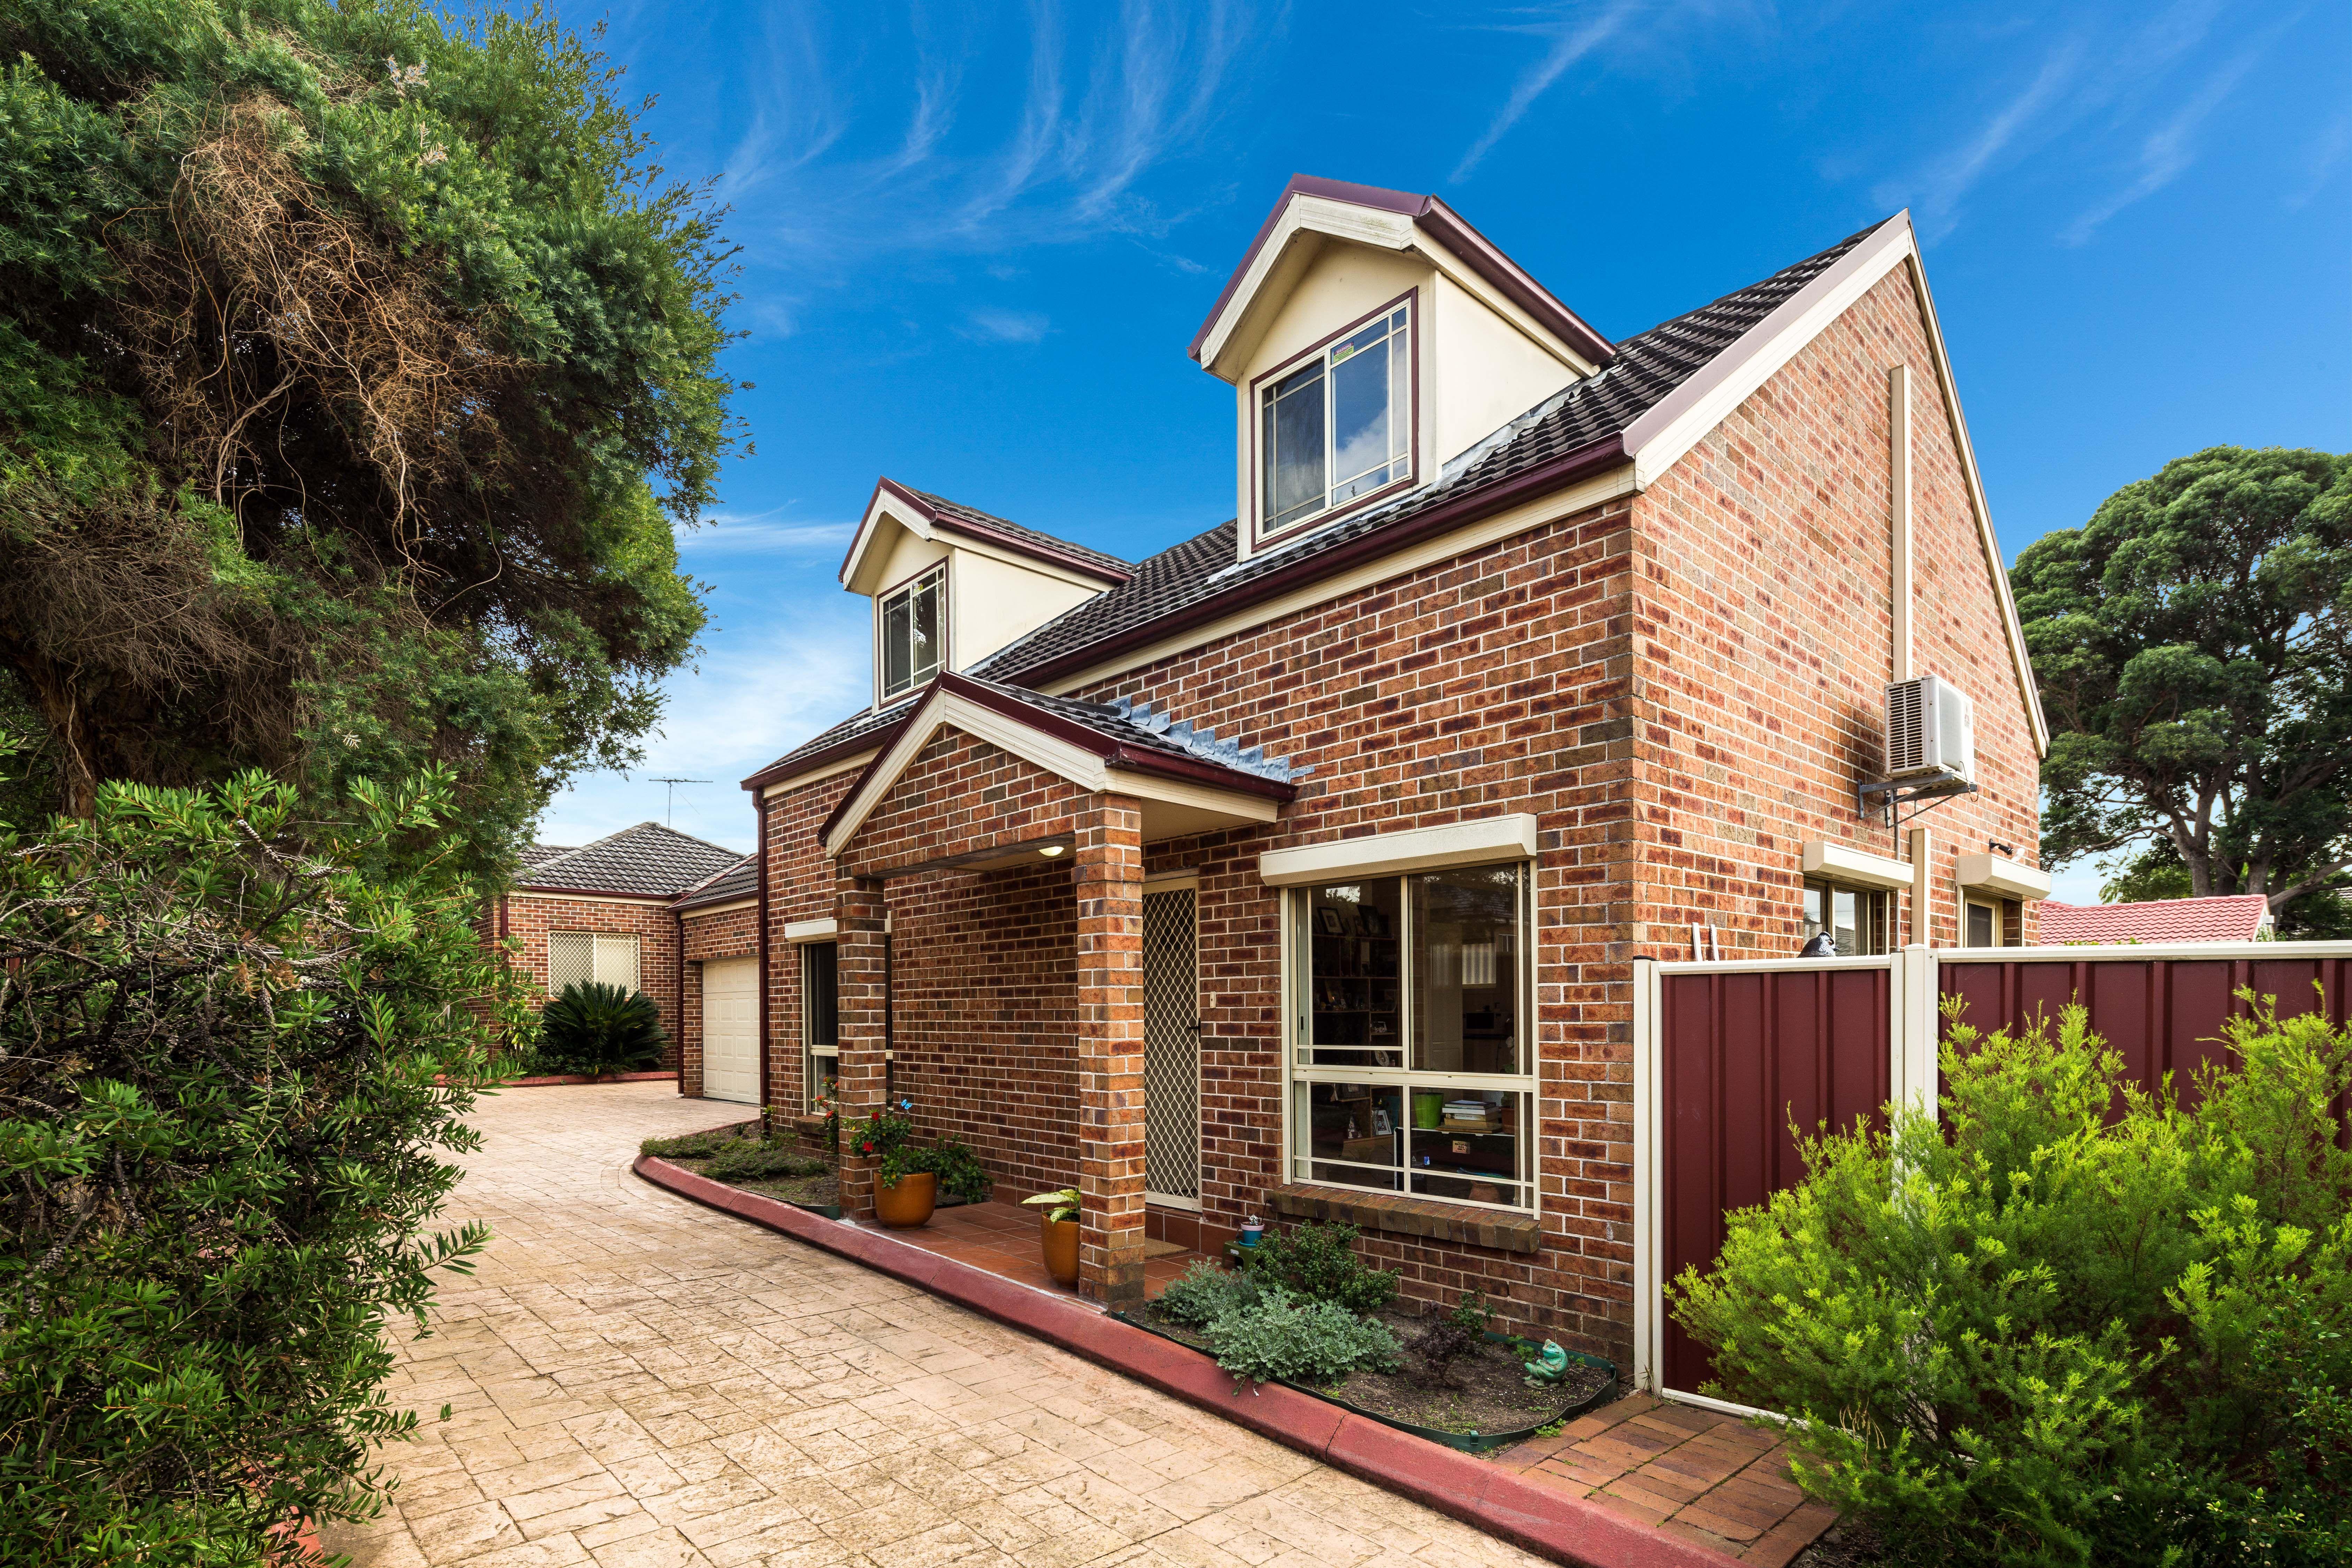 3/53 Pringle Avenue, Bankstown NSW 2200